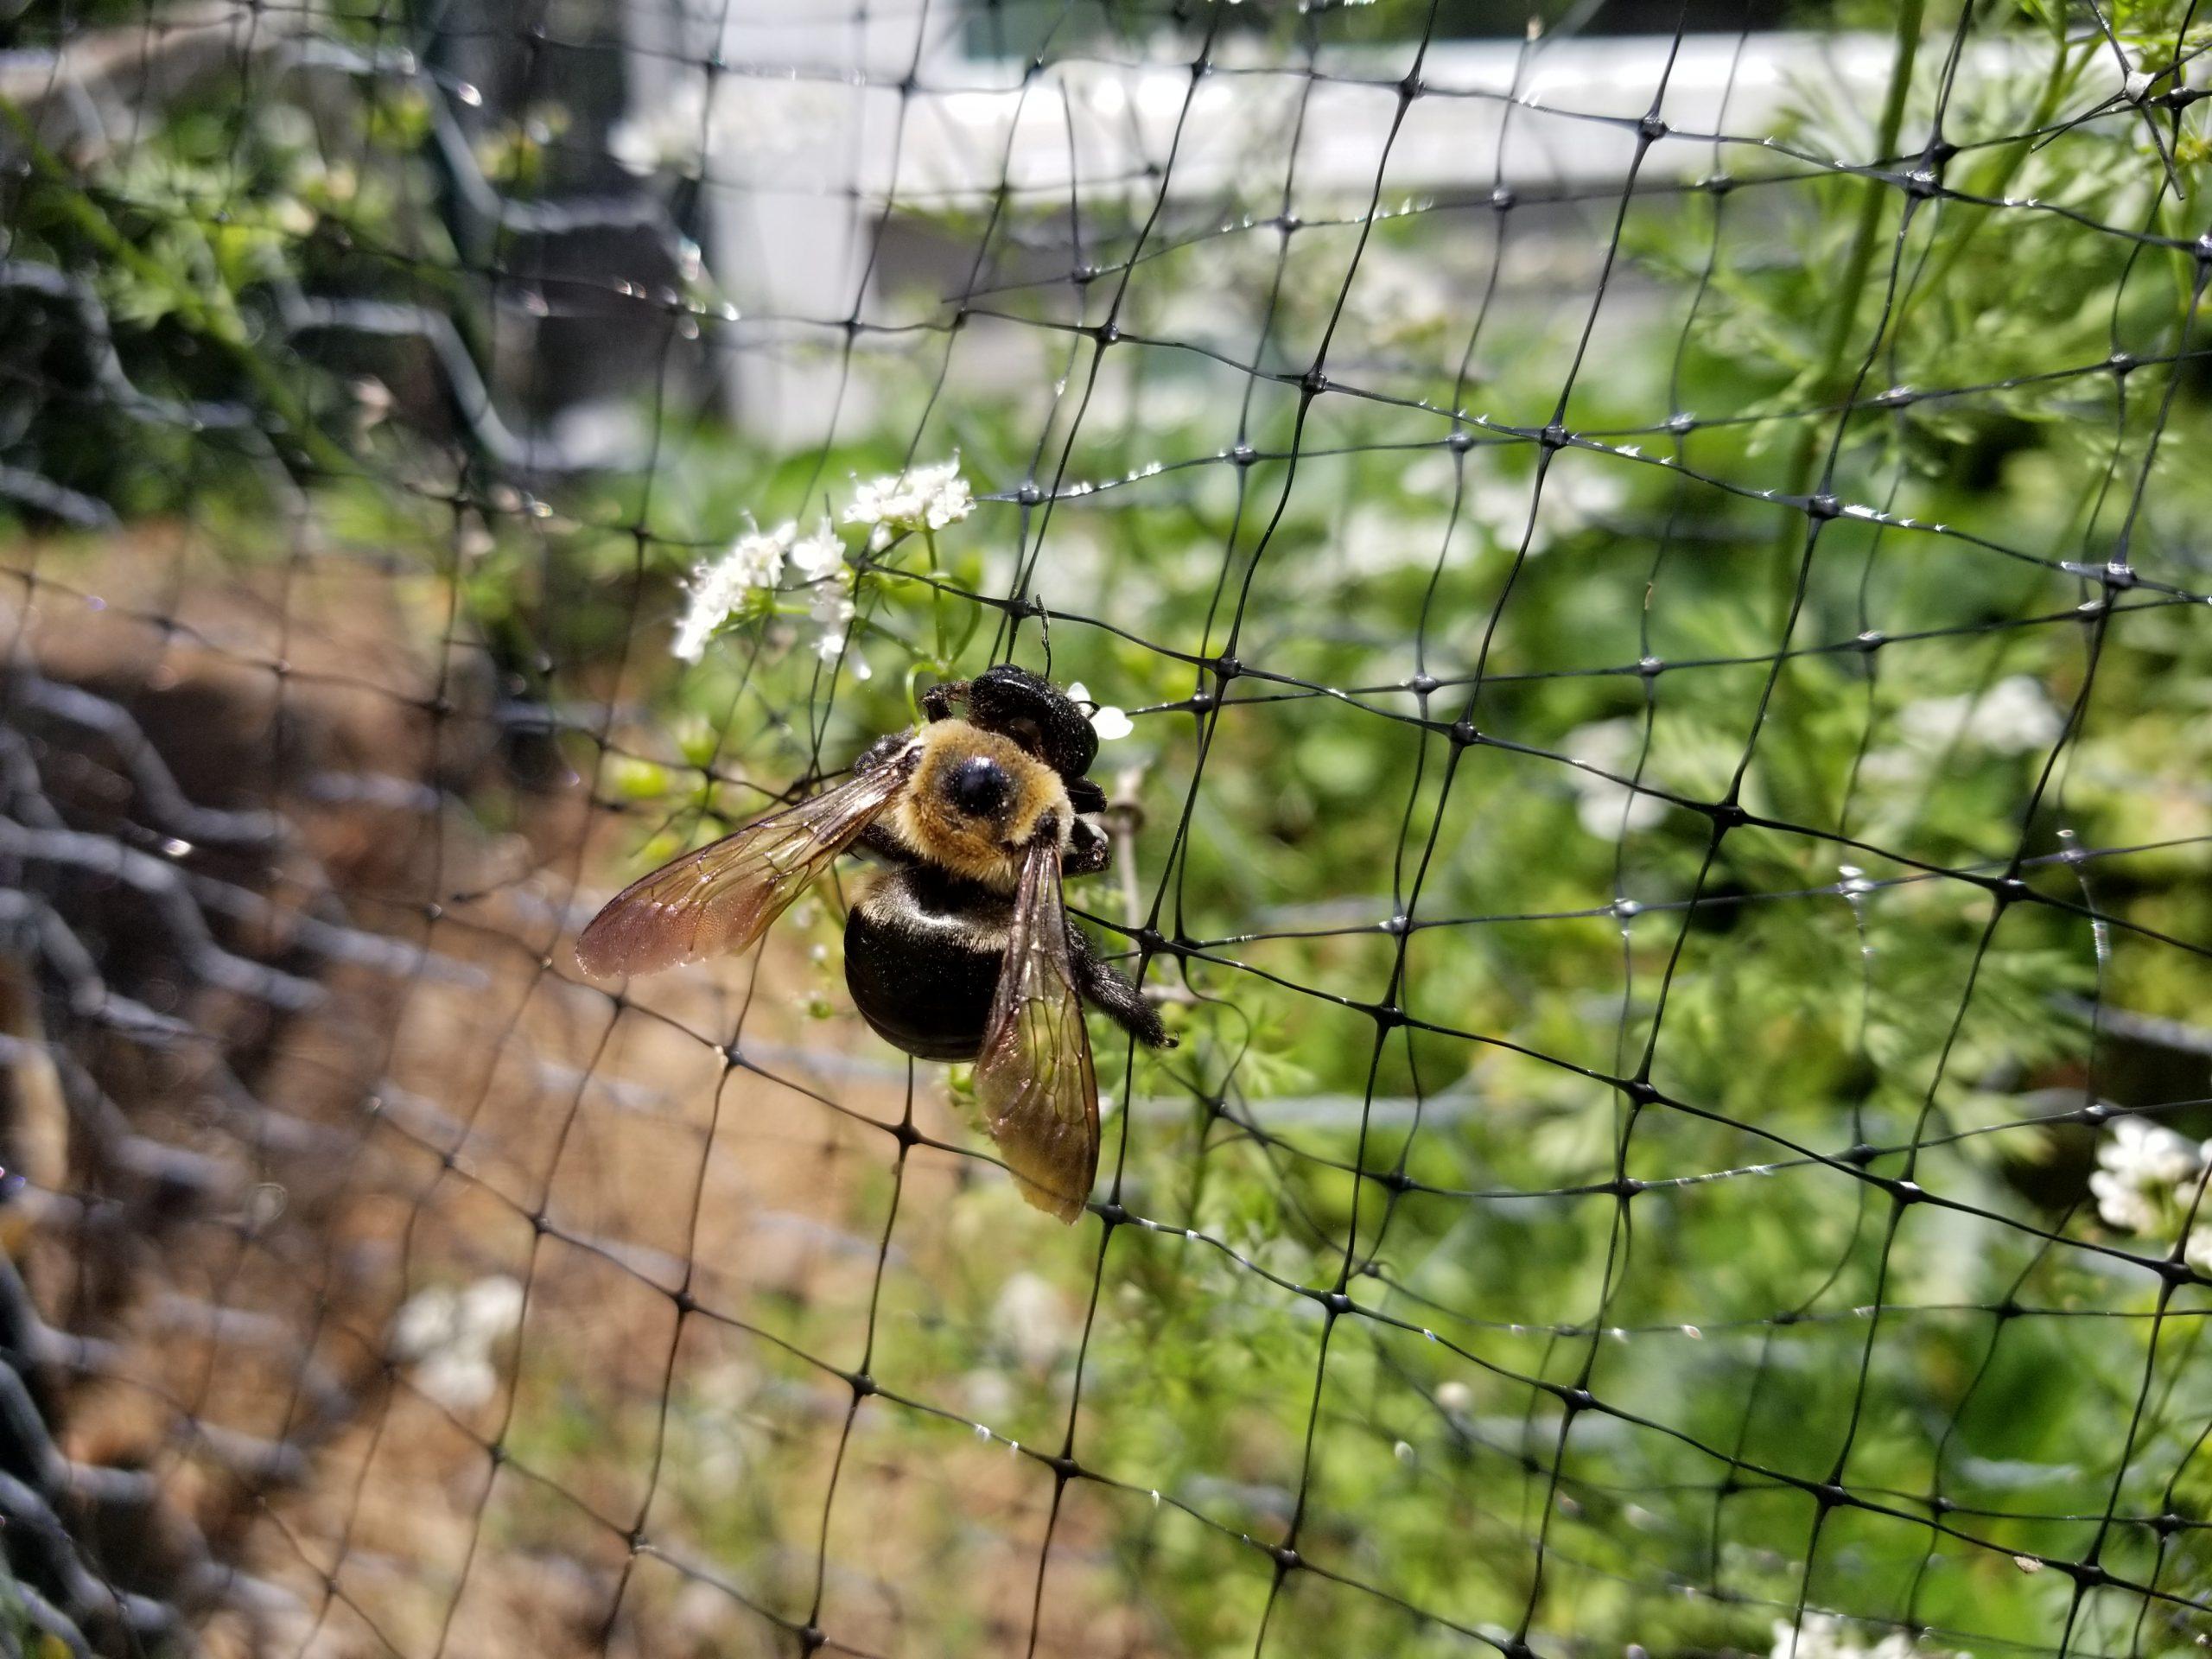 bees-in-the-garden-ste-do-cli